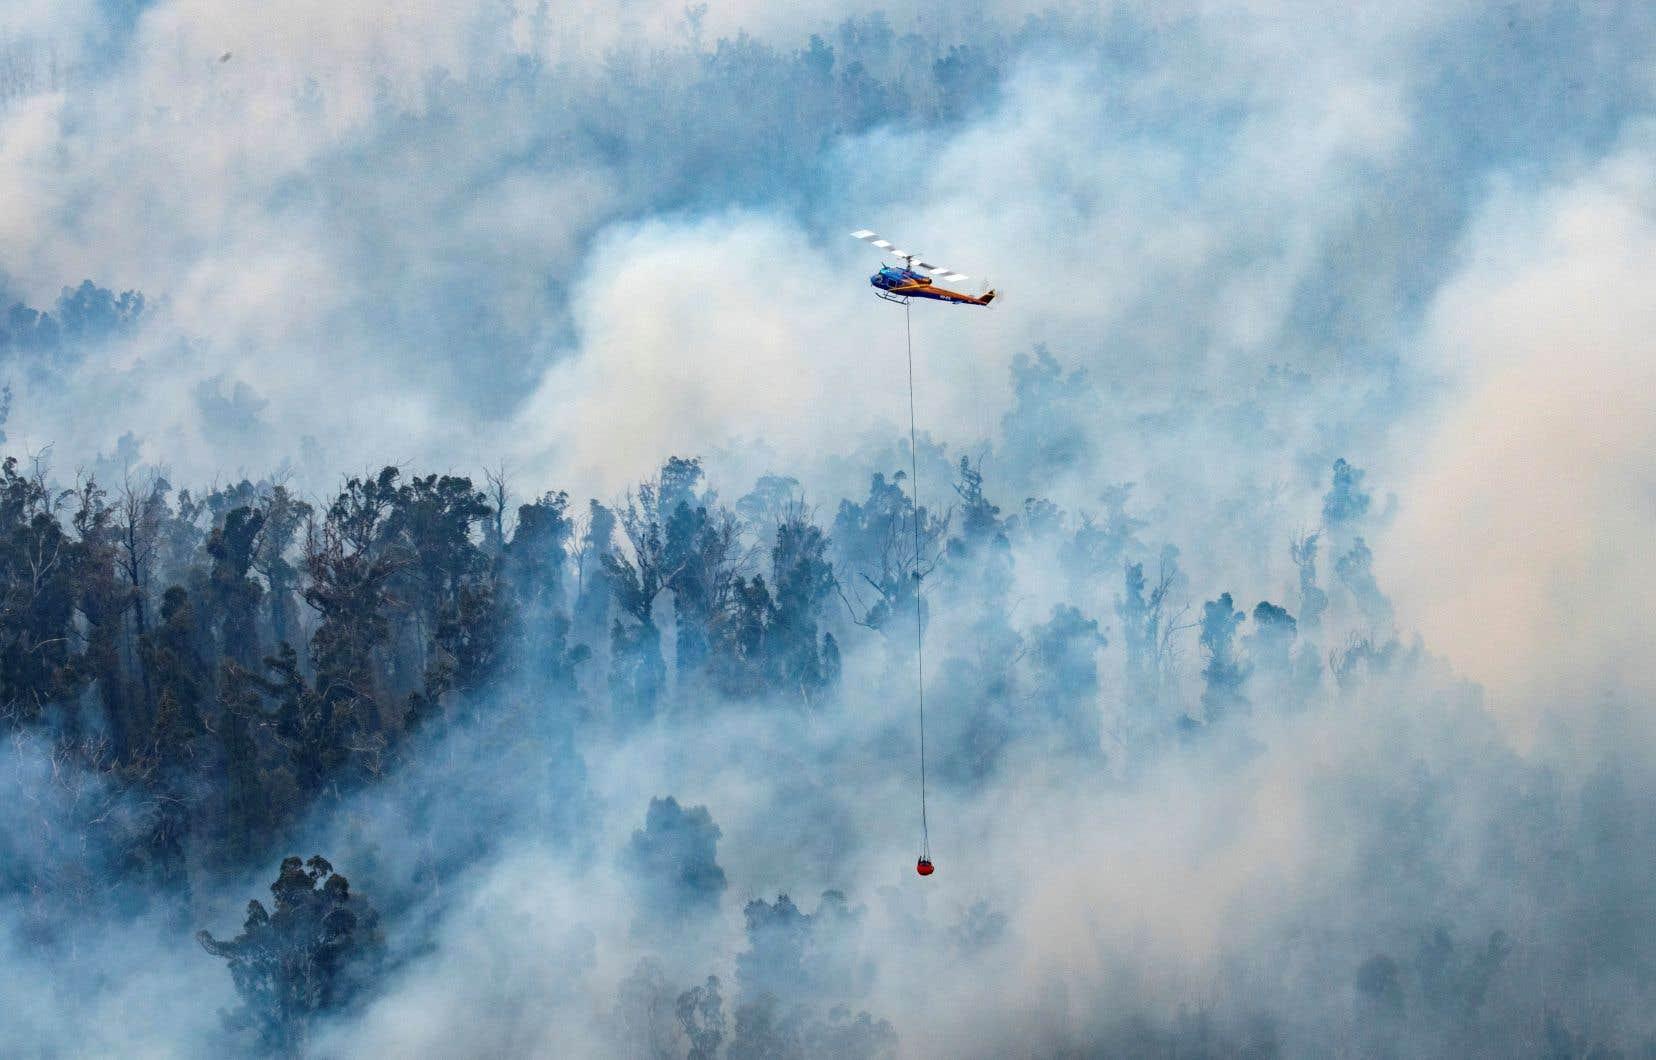 Les pompiers aériens combattent les incendies de forêt à l'aide d'hélicoptères, comme celui-ci aperçu lundi dans la région d'East Gippsland, dans l'État de Victoria.